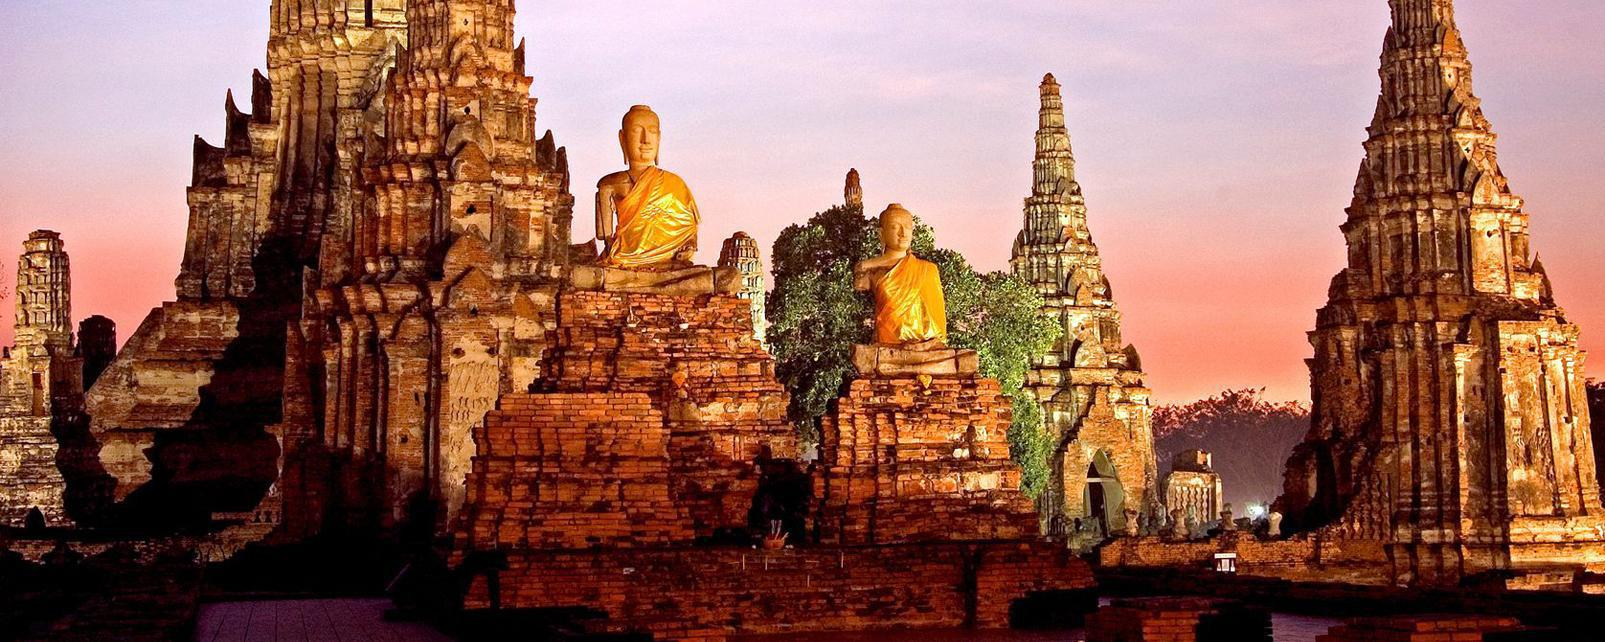 Voyager en Thaïlande et visiter les Temples